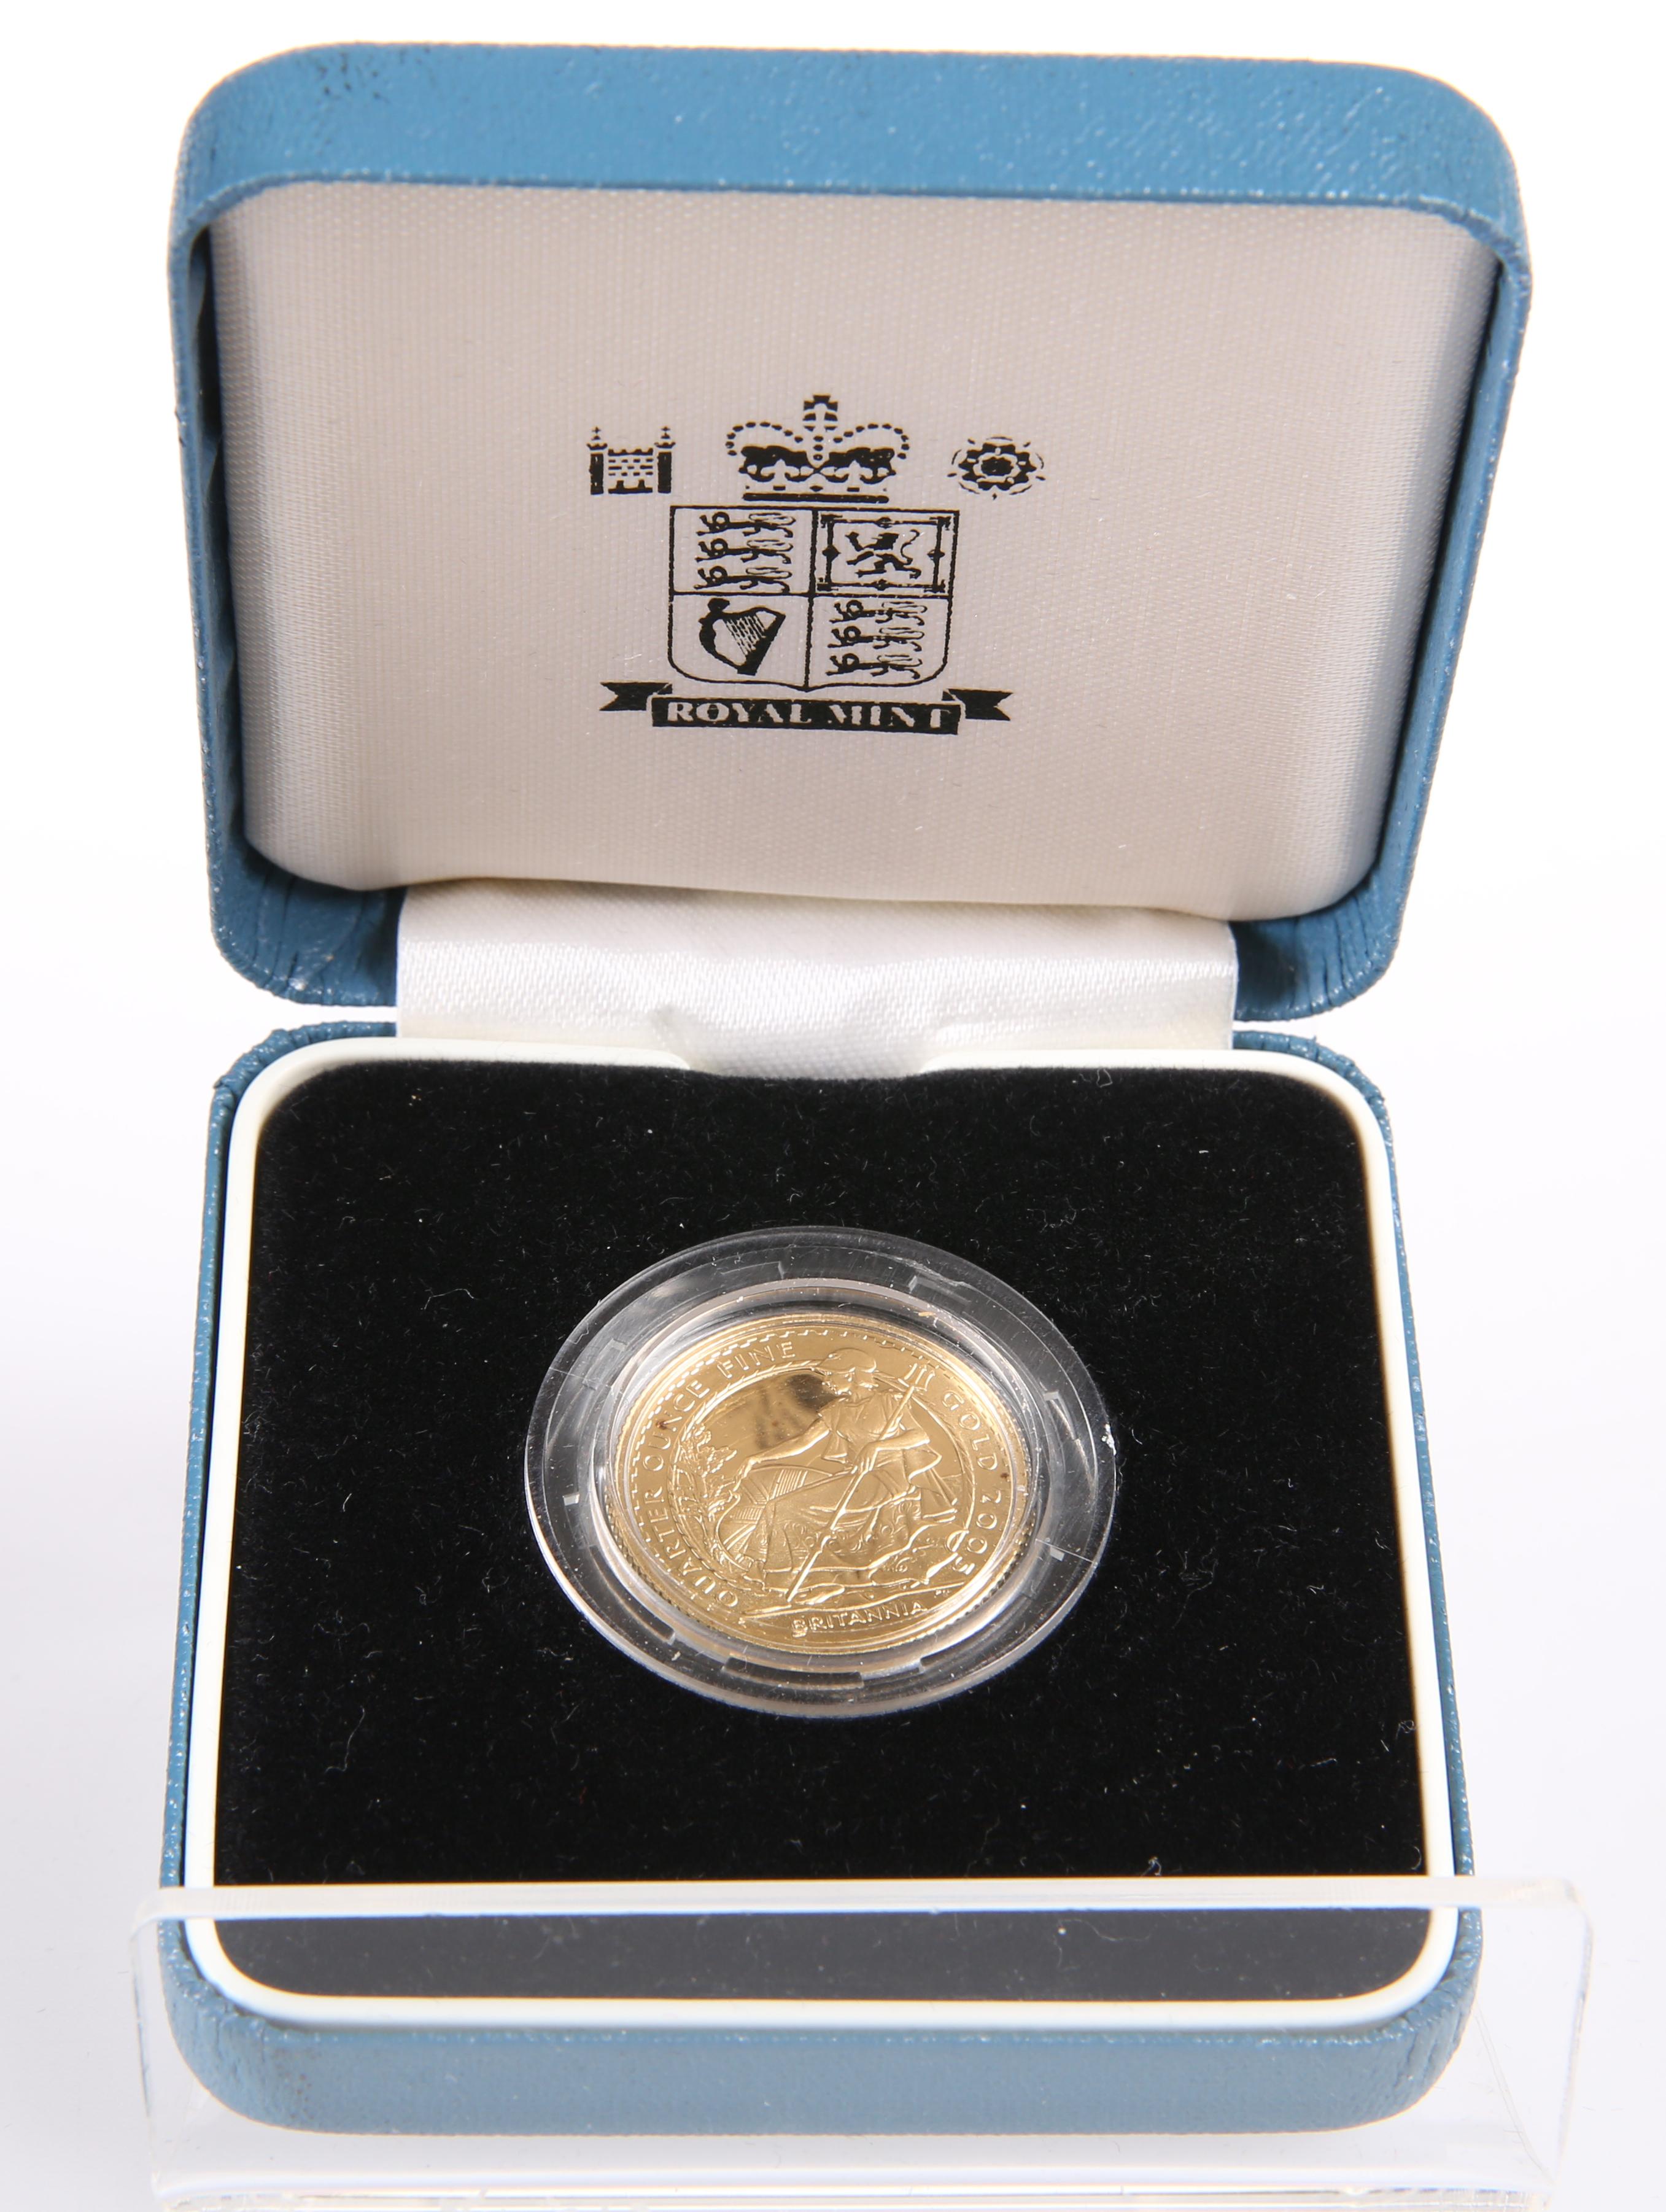 A 2005 BRITANNIA QUARTER OUNCE FINE GOLD £25 COIN, in Royal mint box